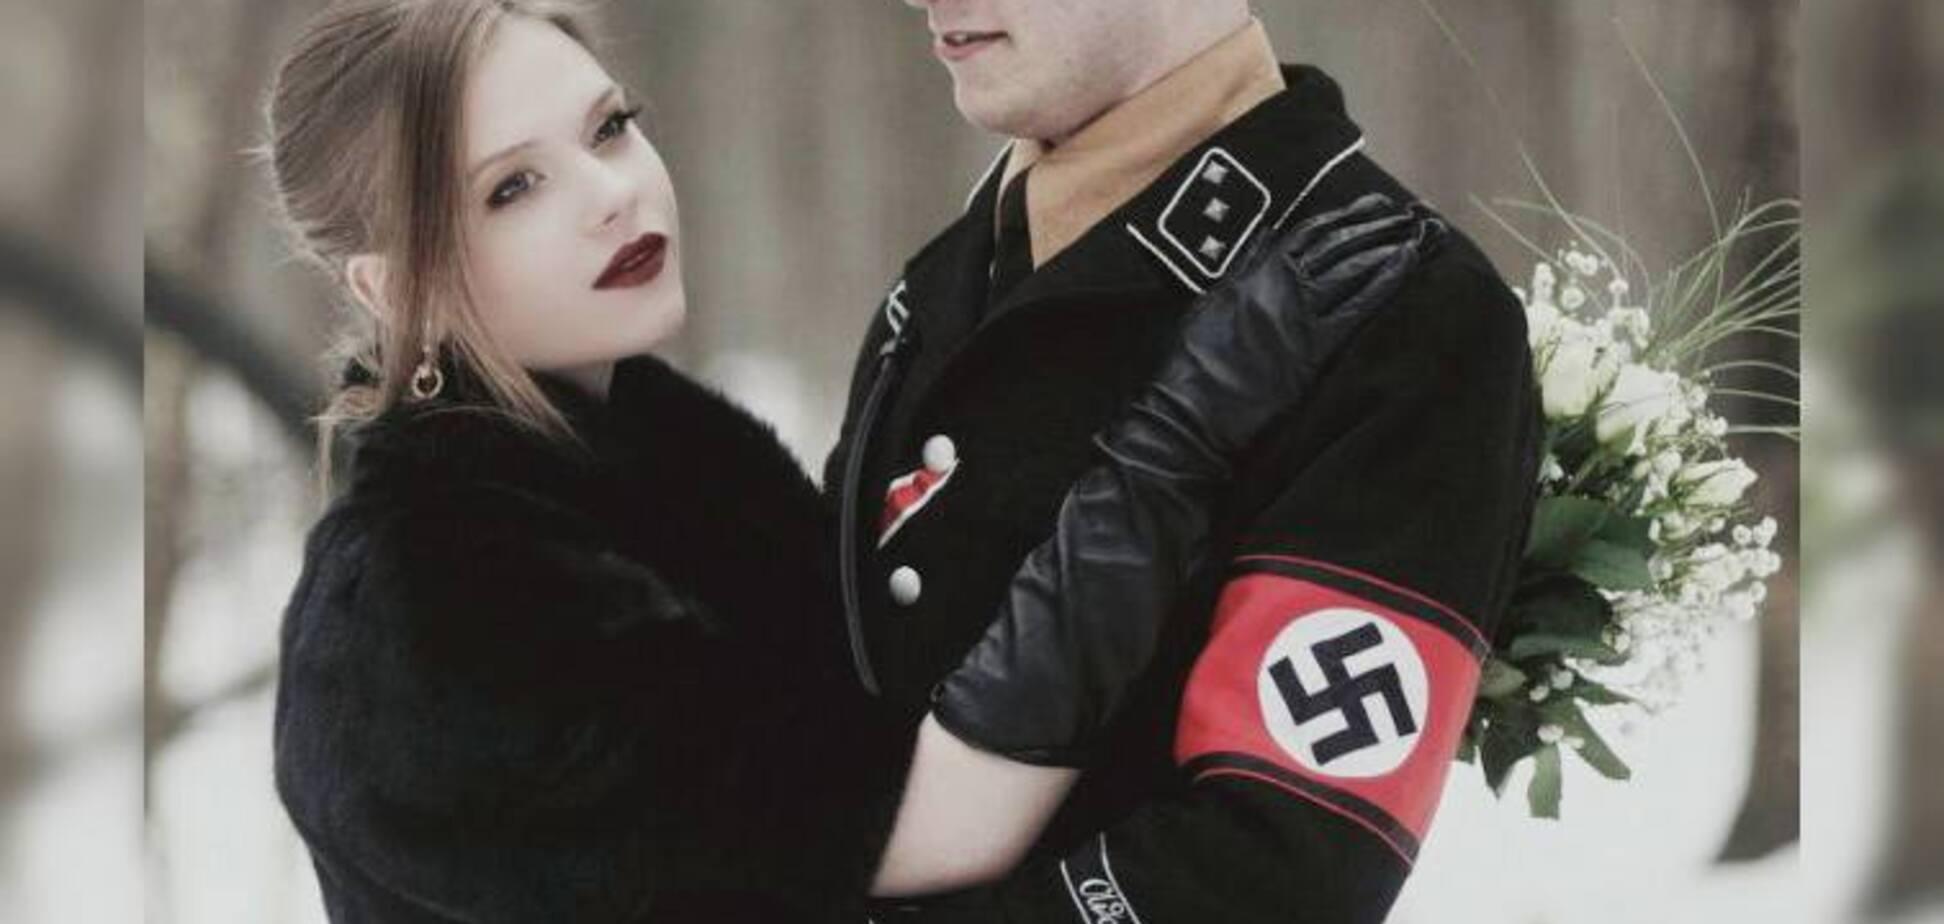 'Офицер-нацист?' В Украине разгорелся громкий скандал из-за провокативных фото